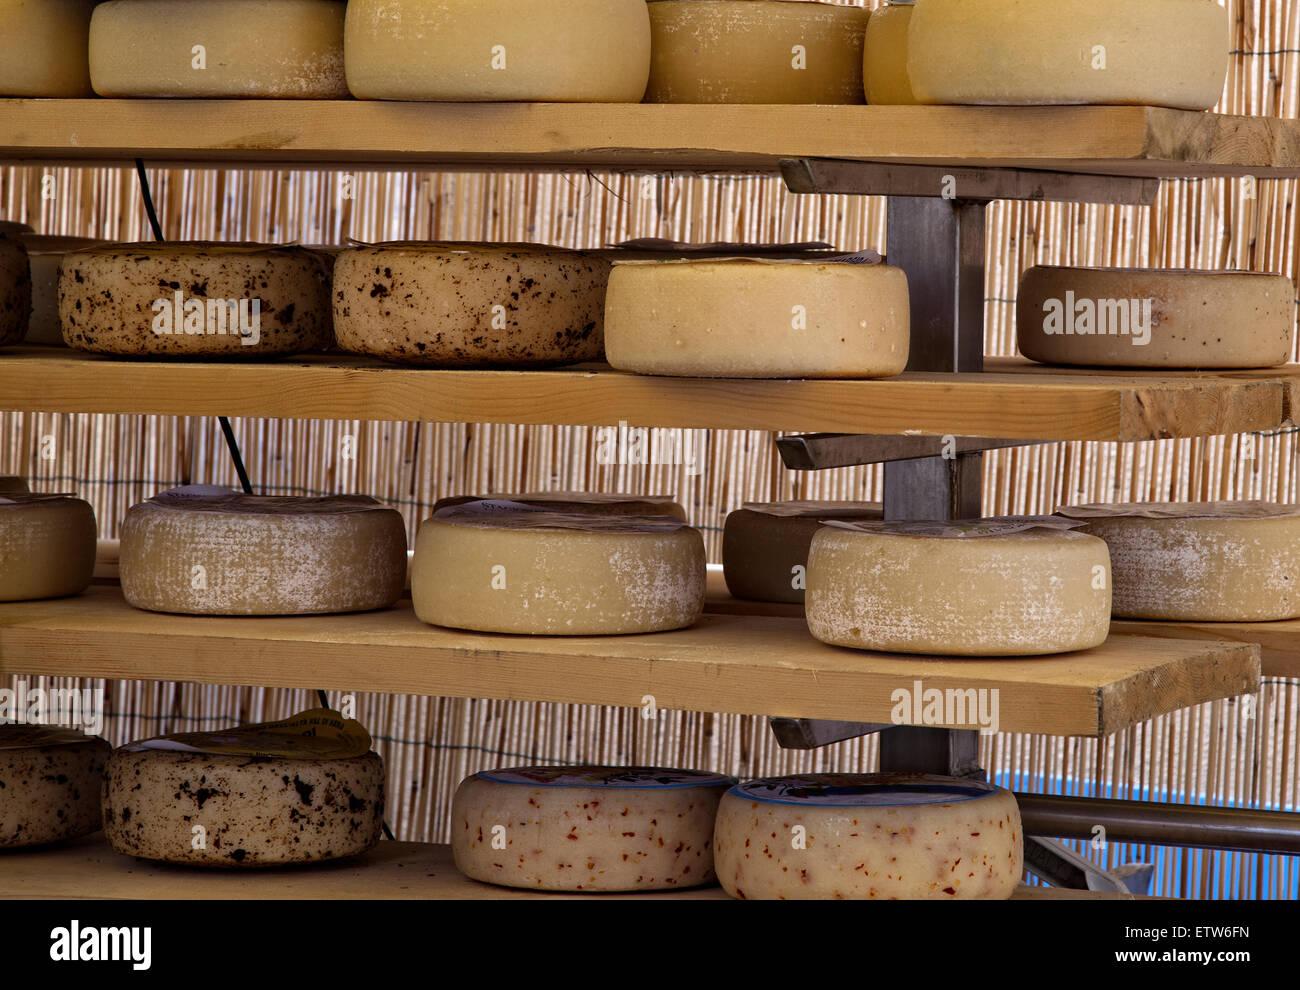 Italiano di formaggio artigianale con pepe condimento Immagini Stock